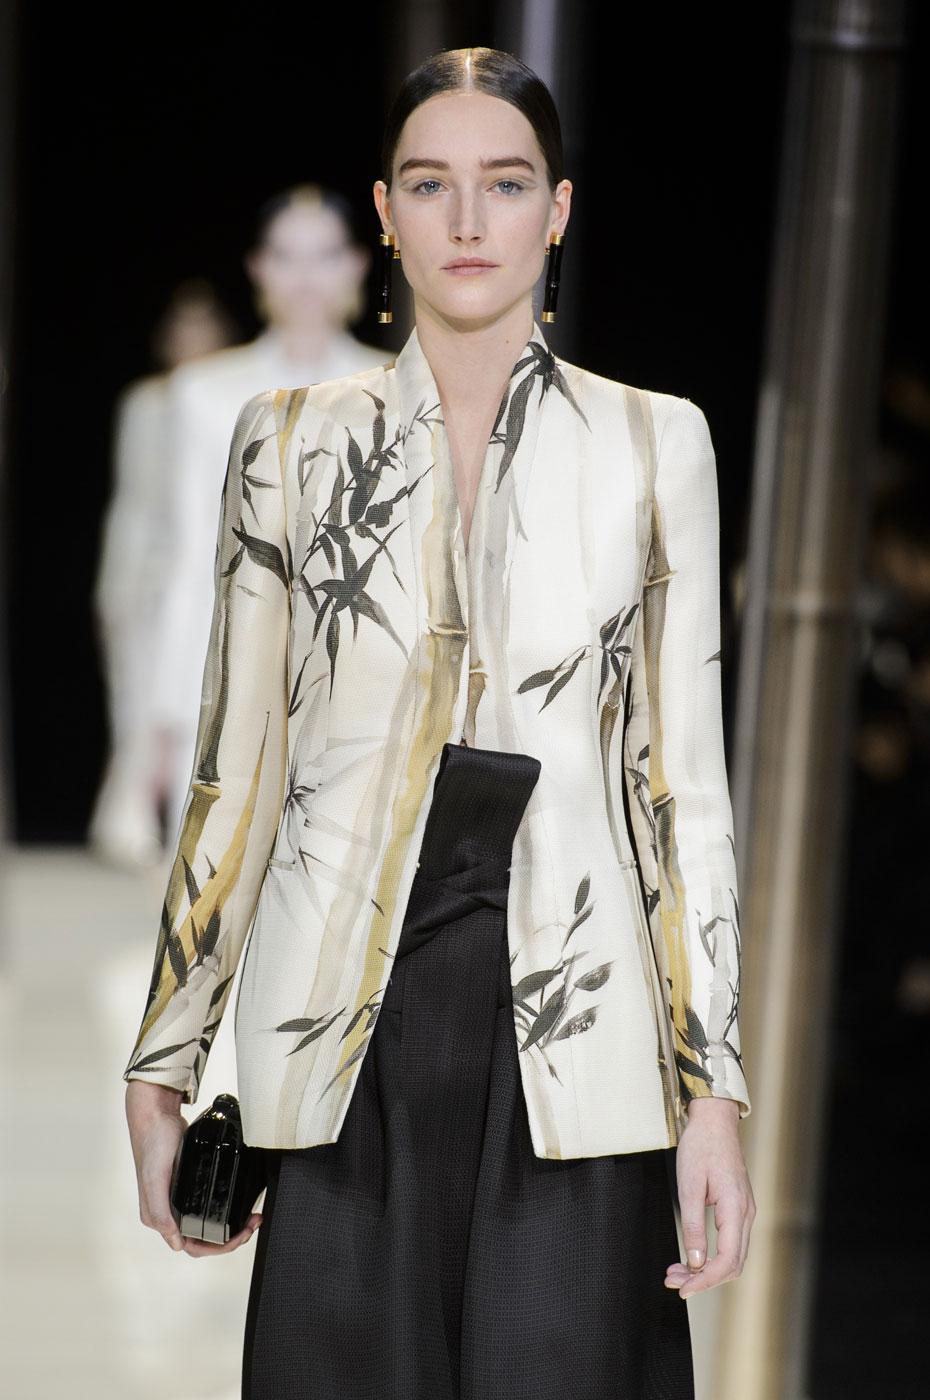 Giorgio-armani-Prive-fashion-runway-show-haute-couture-paris-spring-2015-the-impression-006